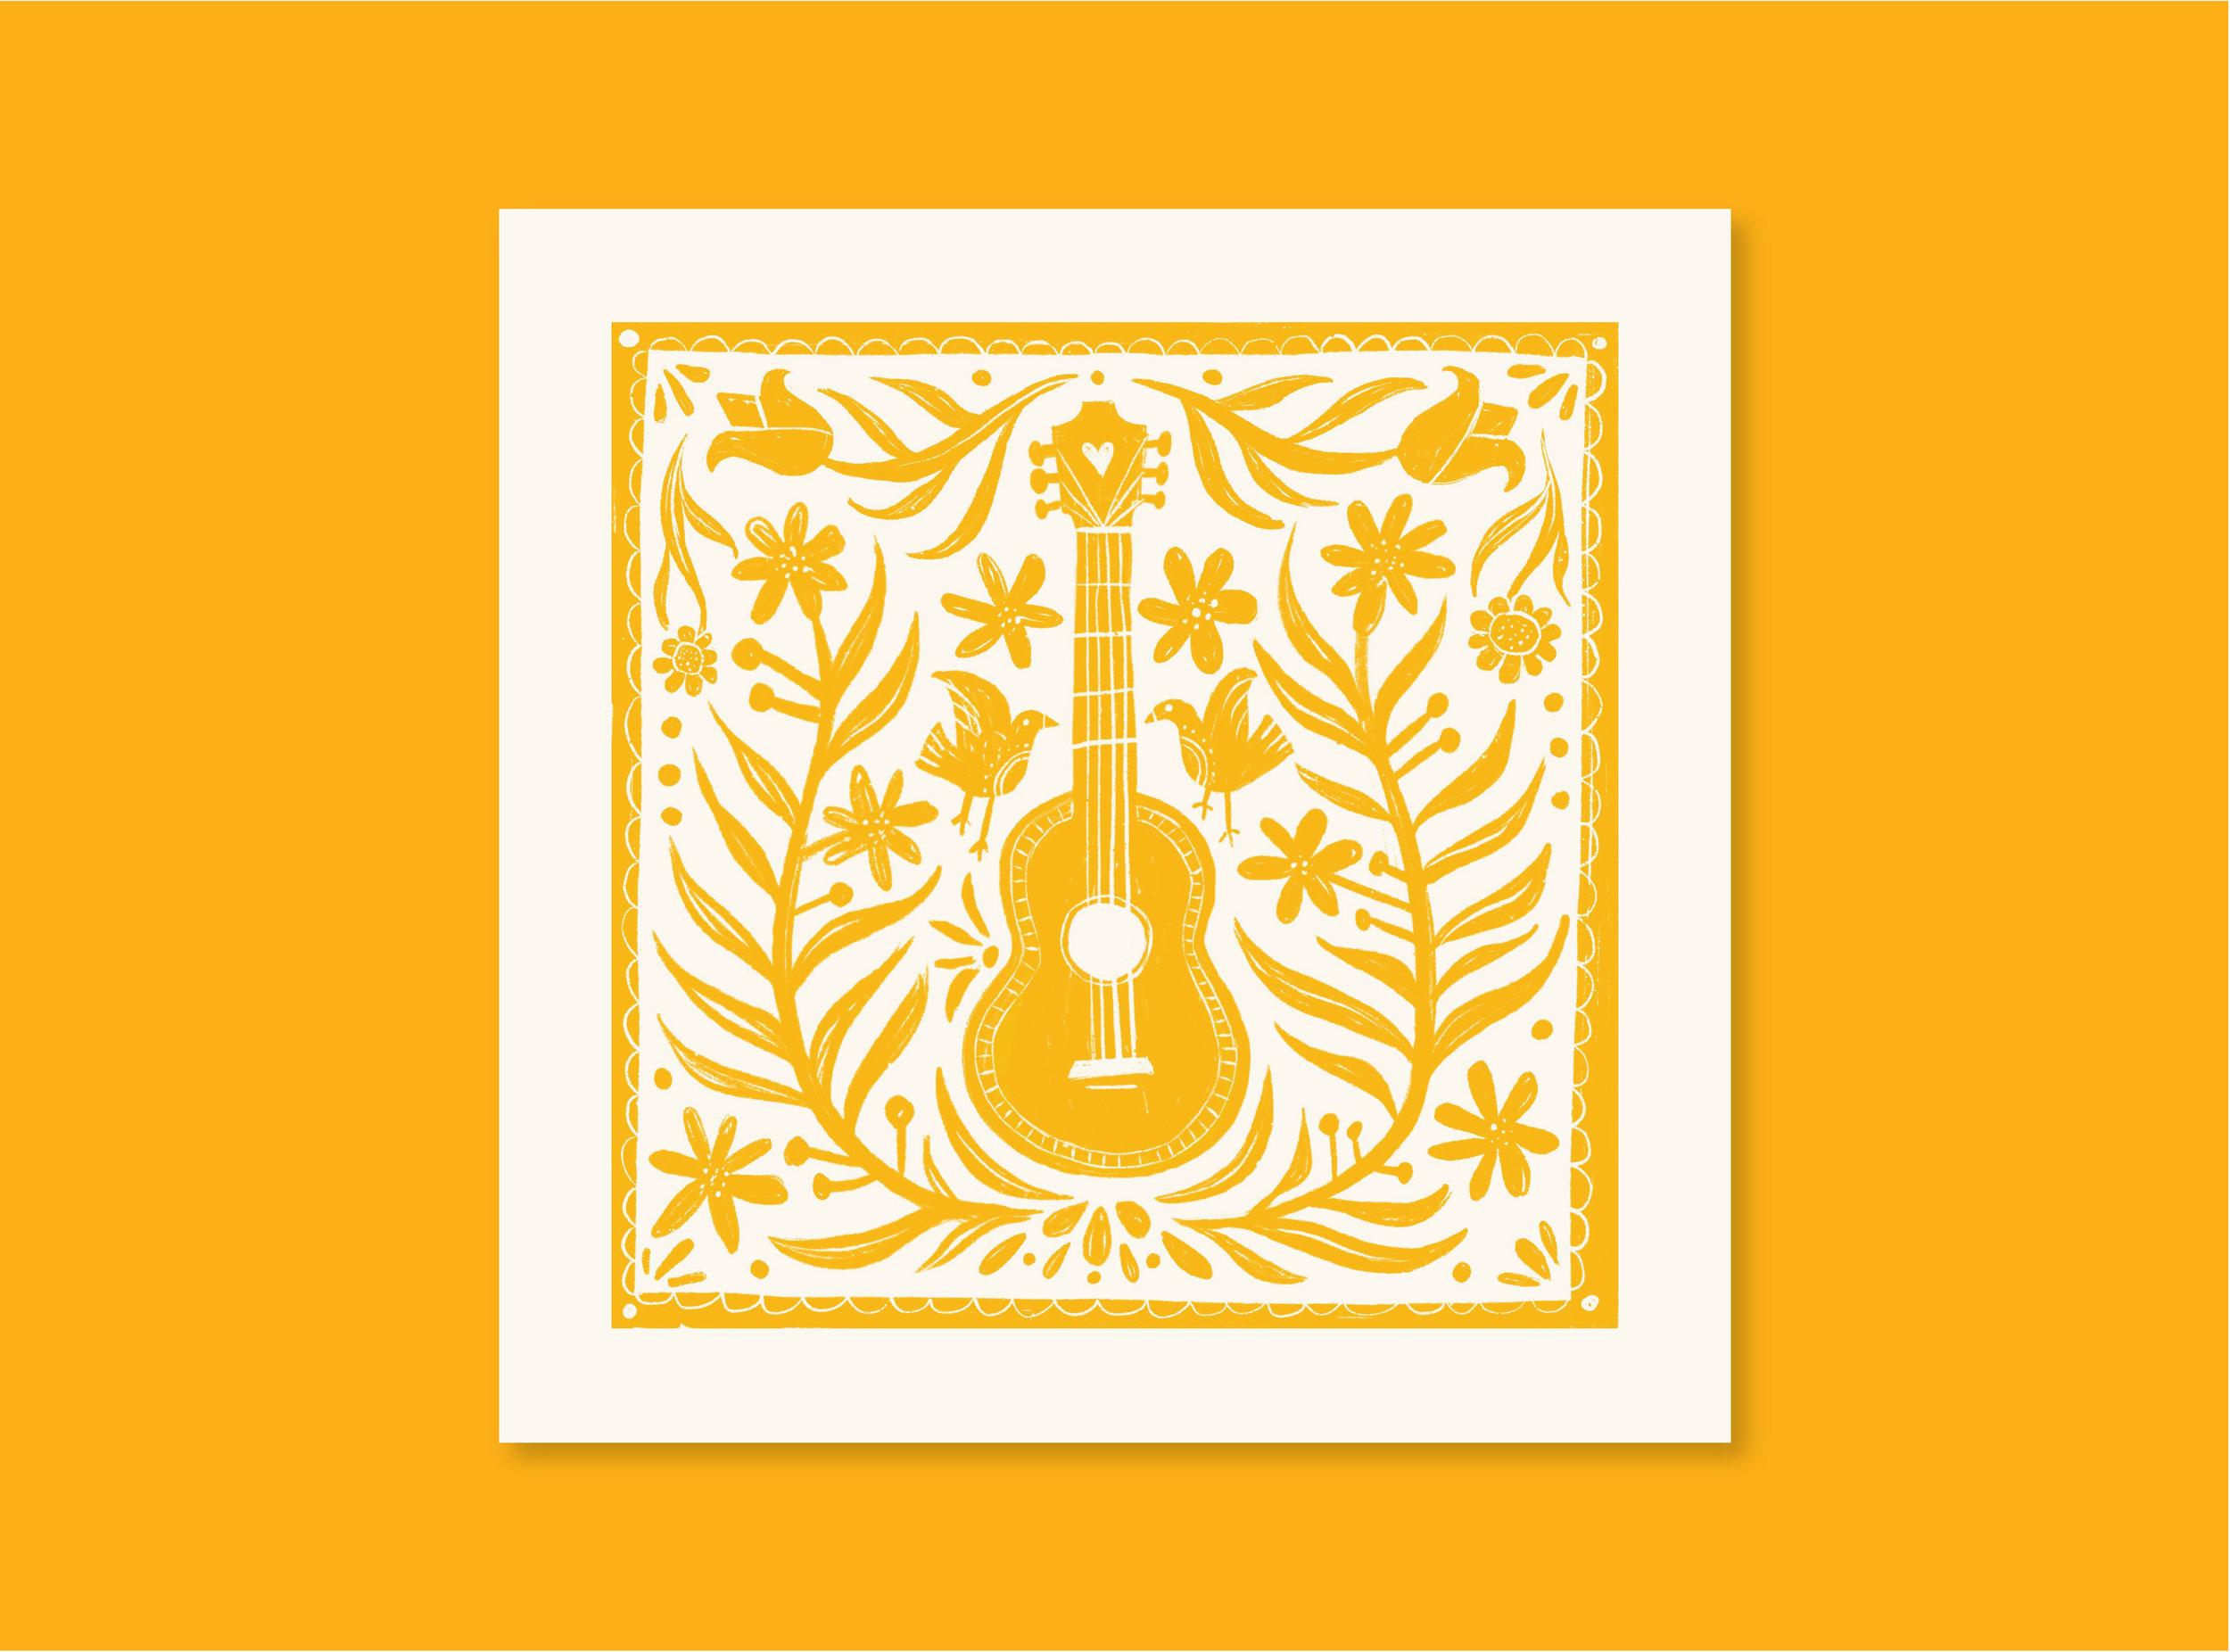 GuitarComposition-01.jpg